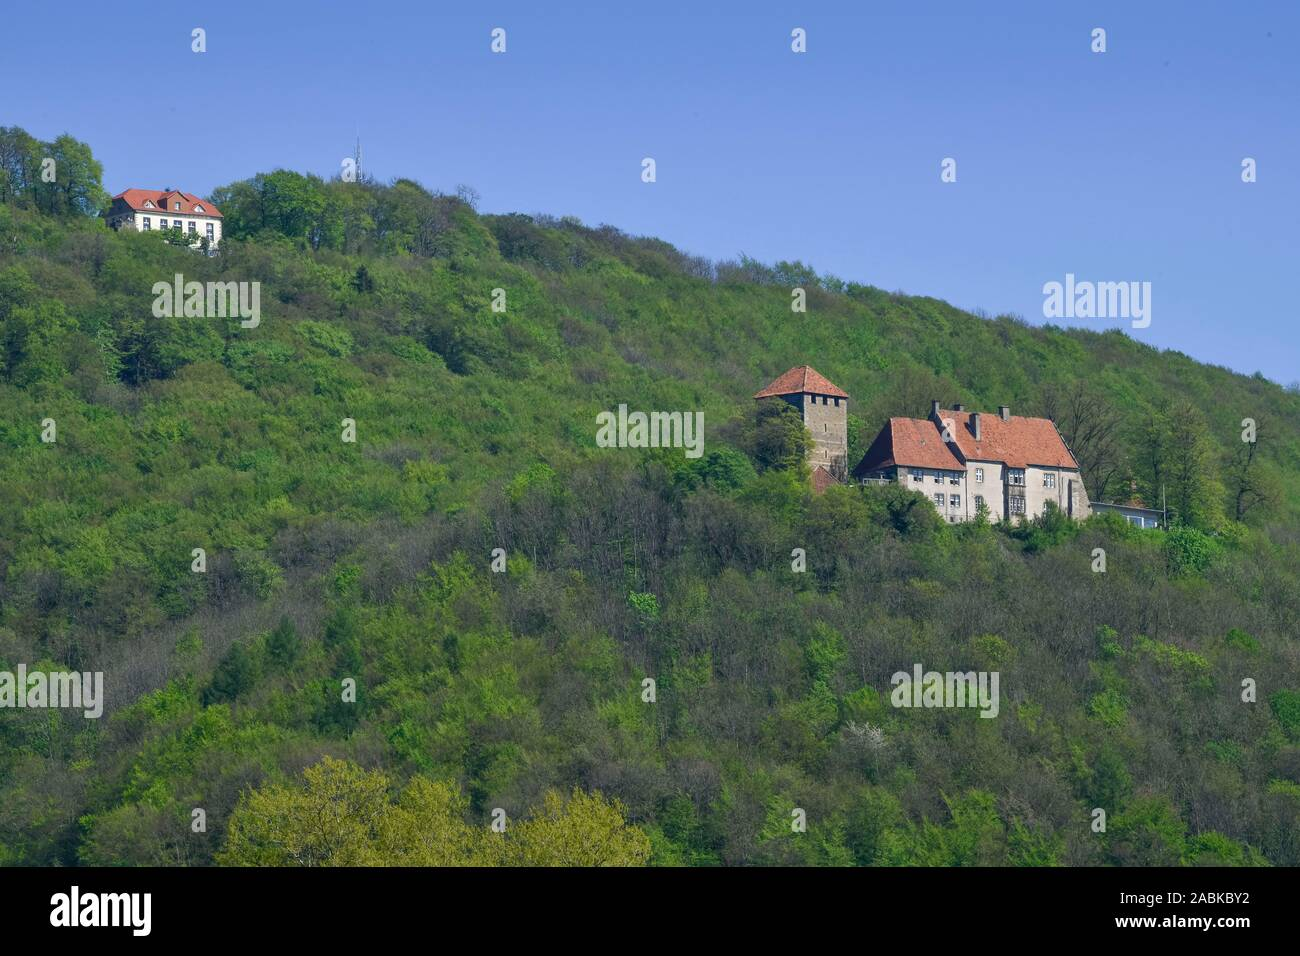 Paschenburg und Burg Schaumburg, Rinteln, Weserbergland, Niedersachsen, Deutschland Banque D'Images